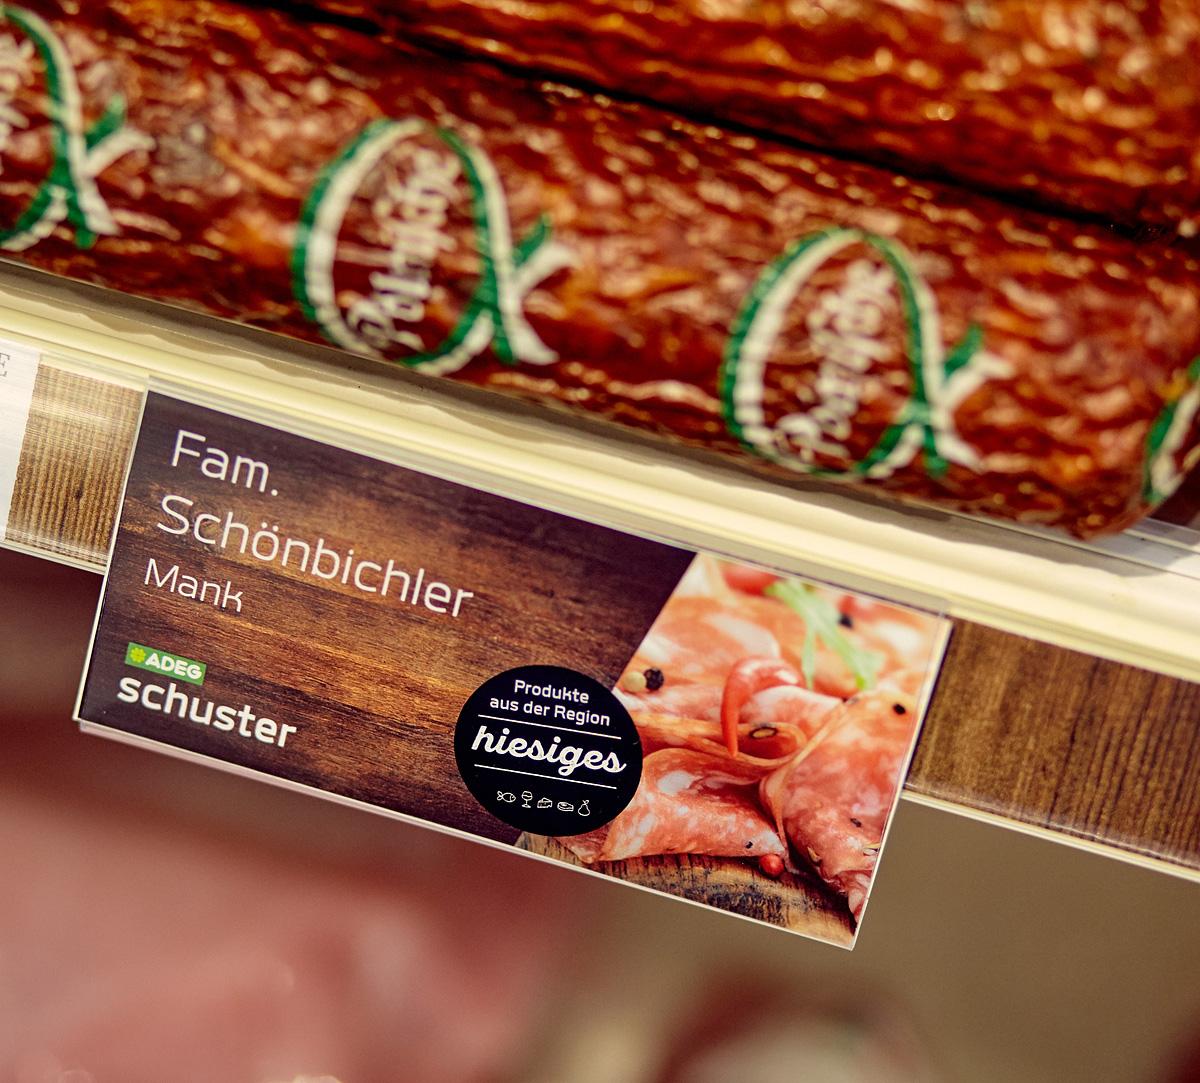 Adeg Schuster Hiesiges Shop_Auftragsfoto-Sappert_MG_3681